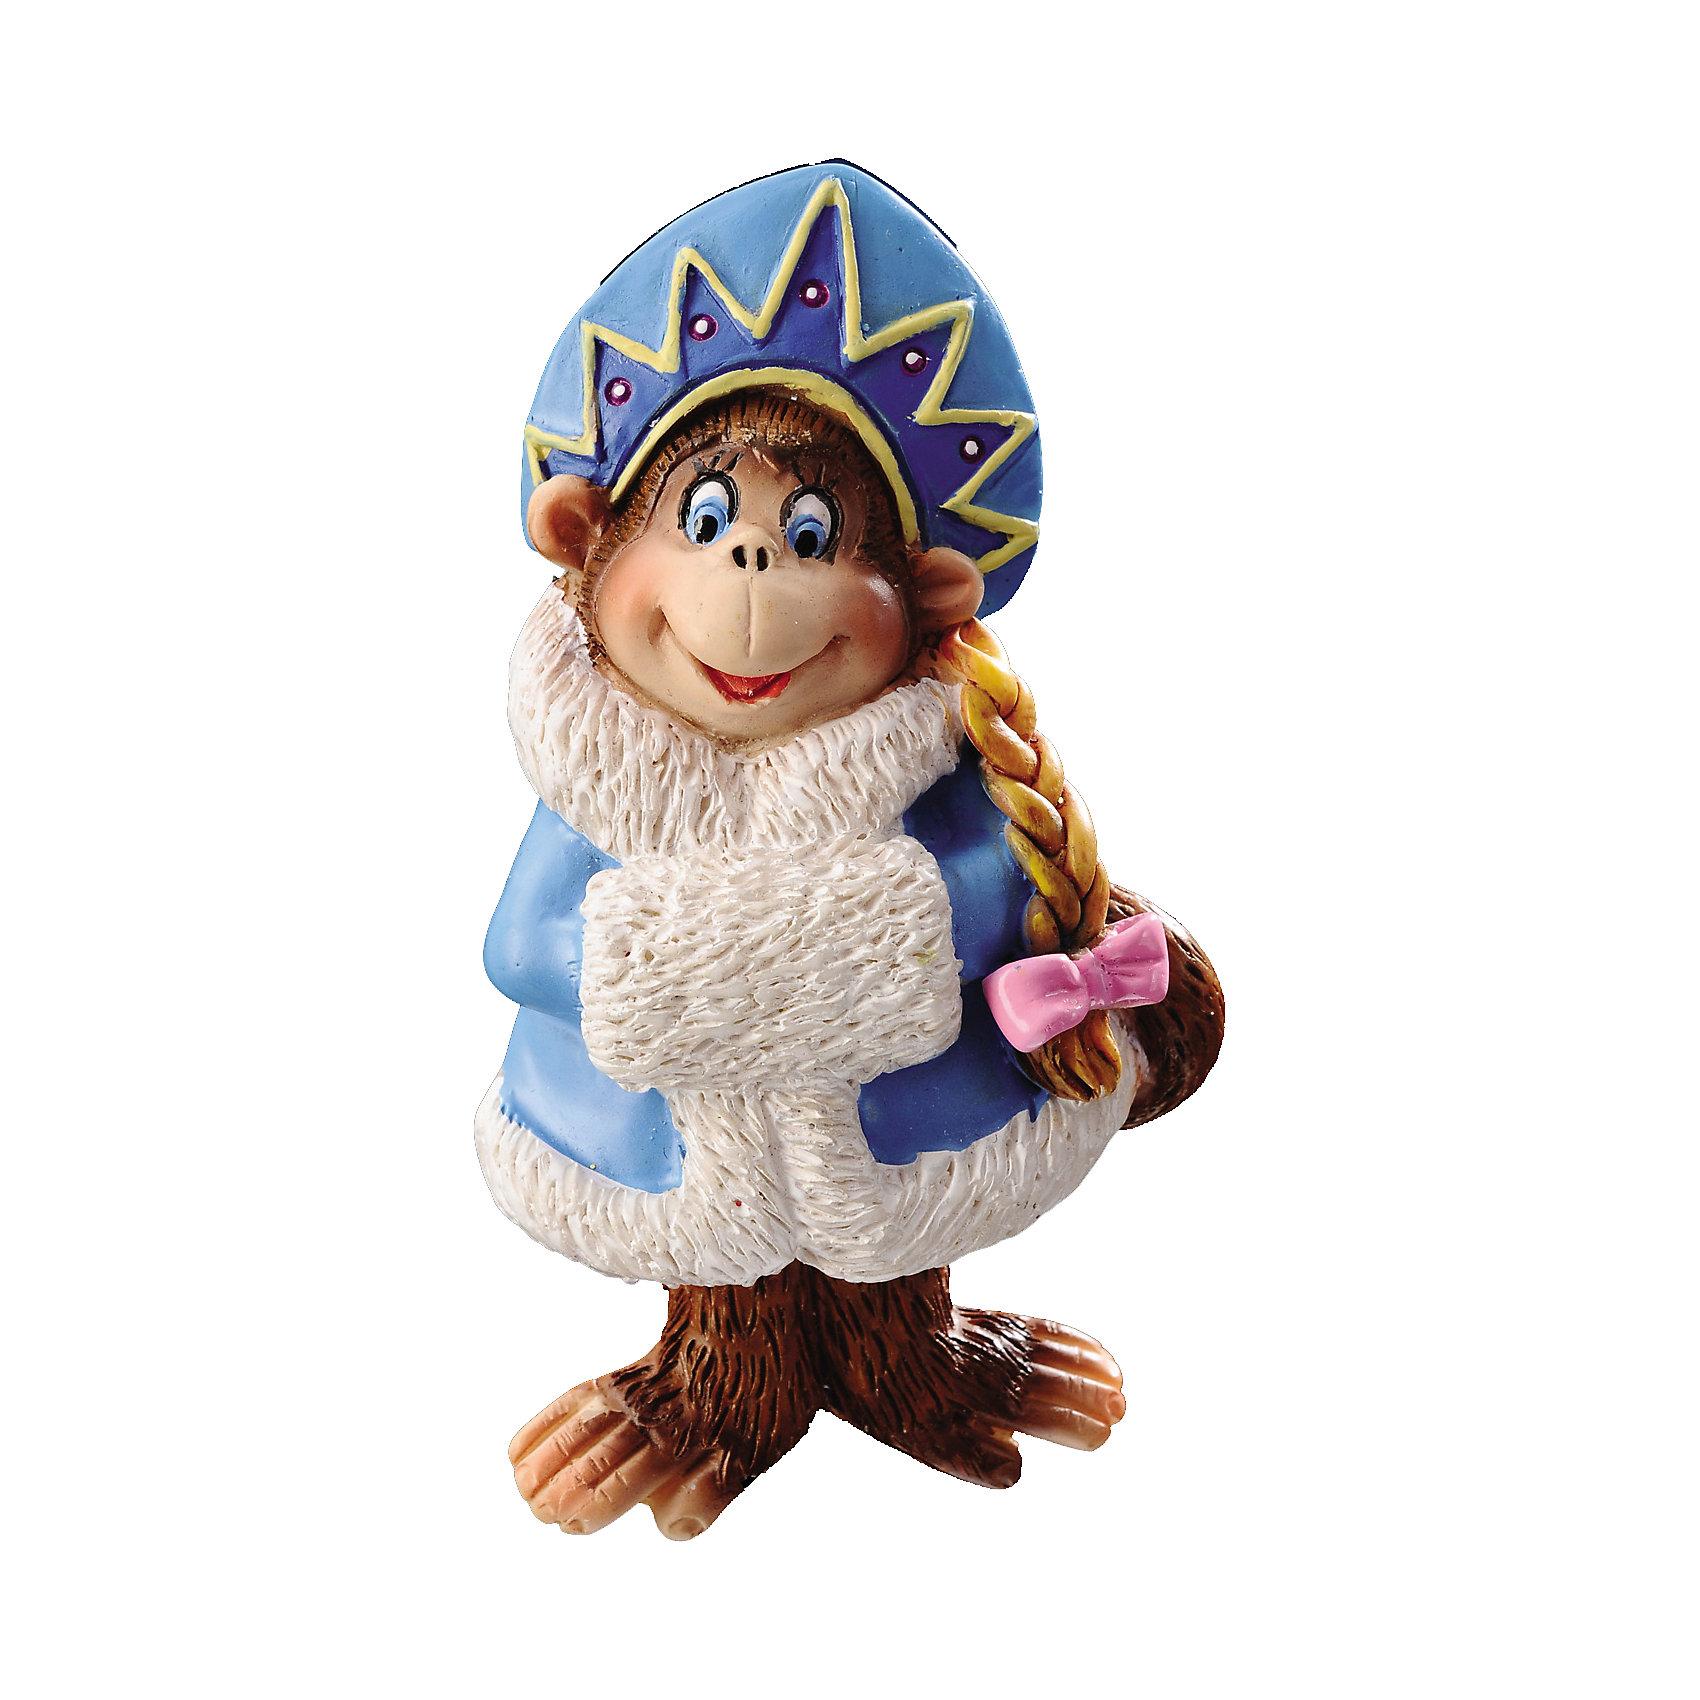 Сувенир Мартышка-снегурочка на магните 6,5 смНовинки Новый Год<br>Сувенир Мартышка-снегурочка на магните 6,5 см не просто украсит холодильник, но, и как настоящий символ 2016 года, поспособствует достатку и приумножению капитала в Новом году! Магнитик с забавной обезьянкой в образе Снегурочки послужит замечательным мини-презентом коллегам, близким и друзьям на Новый Год!<br><br>Дополнительная информация:<br>-Материалы: полирезина, магнит<br>-Размер в упаковке: 4х2х6,5 см<br>-Вес в упаковке: 36 г<br>-Размер: 6,5 см<br><br>Сувенир Мартышка-снегурочка на магните 6,5 см можно купить в нашем магазине.<br><br>Ширина мм: 40<br>Глубина мм: 20<br>Высота мм: 65<br>Вес г: 36<br>Возраст от месяцев: 84<br>Возраст до месяцев: 2147483647<br>Пол: Унисекс<br>Возраст: Детский<br>SKU: 4286732